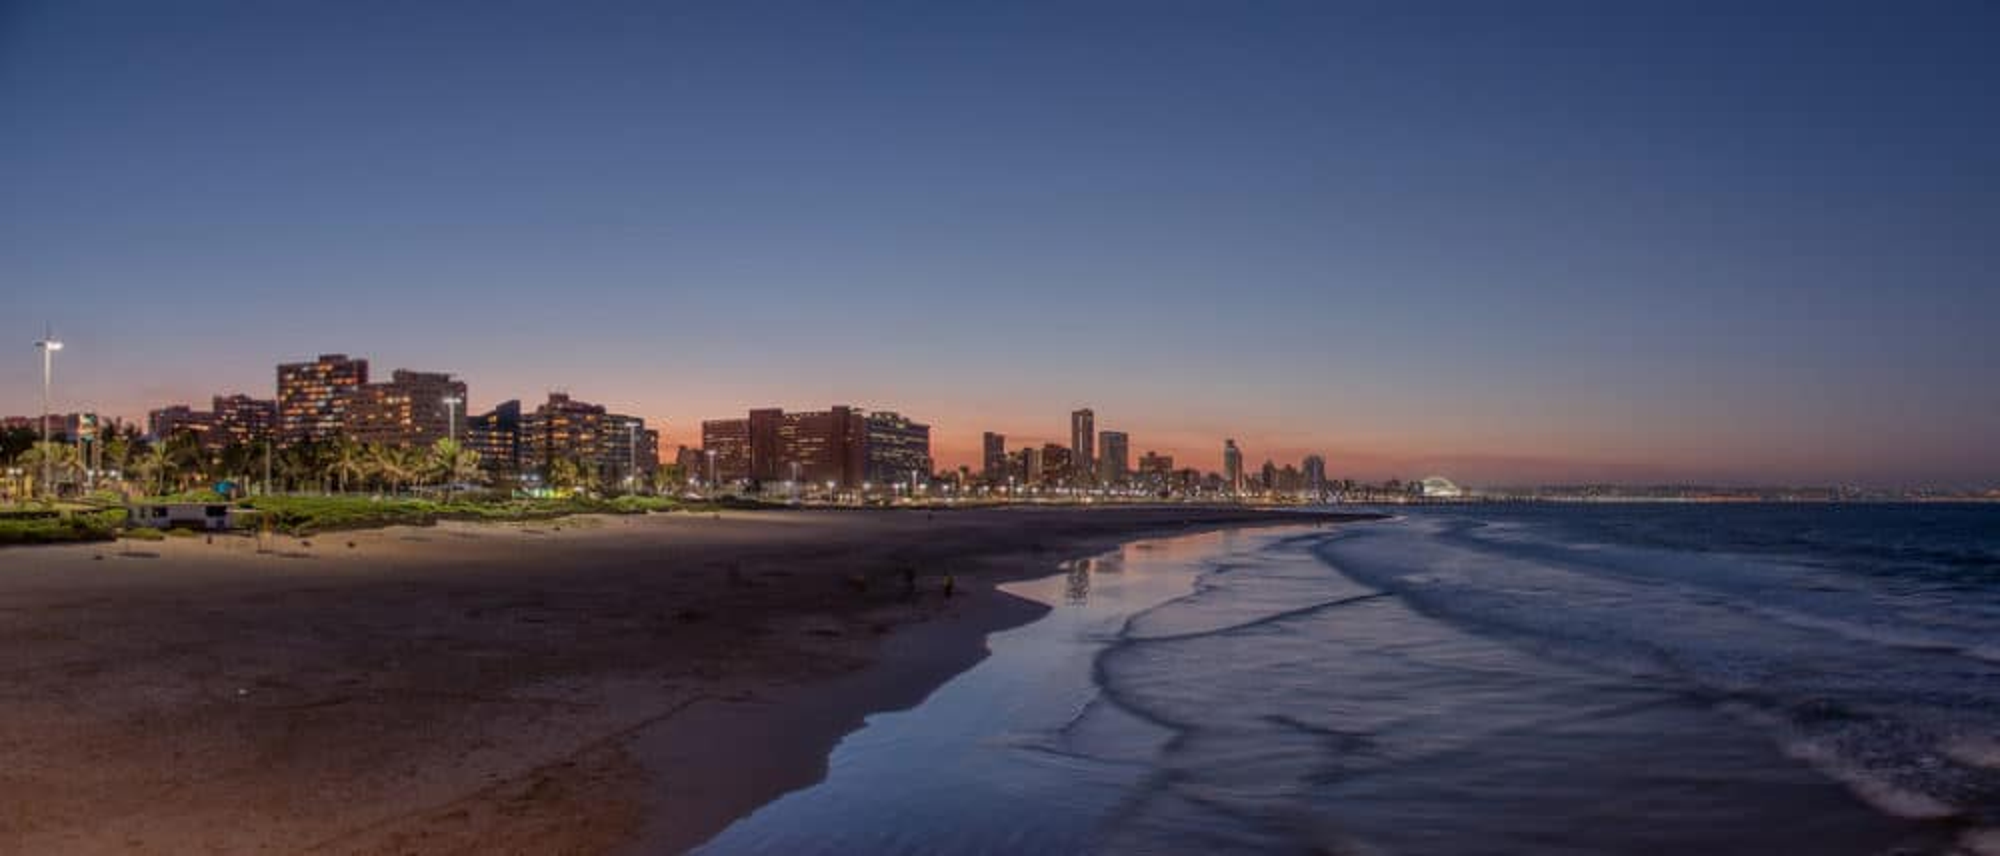 service de rencontres Durbansupprimer le profil de rencontre en ligne